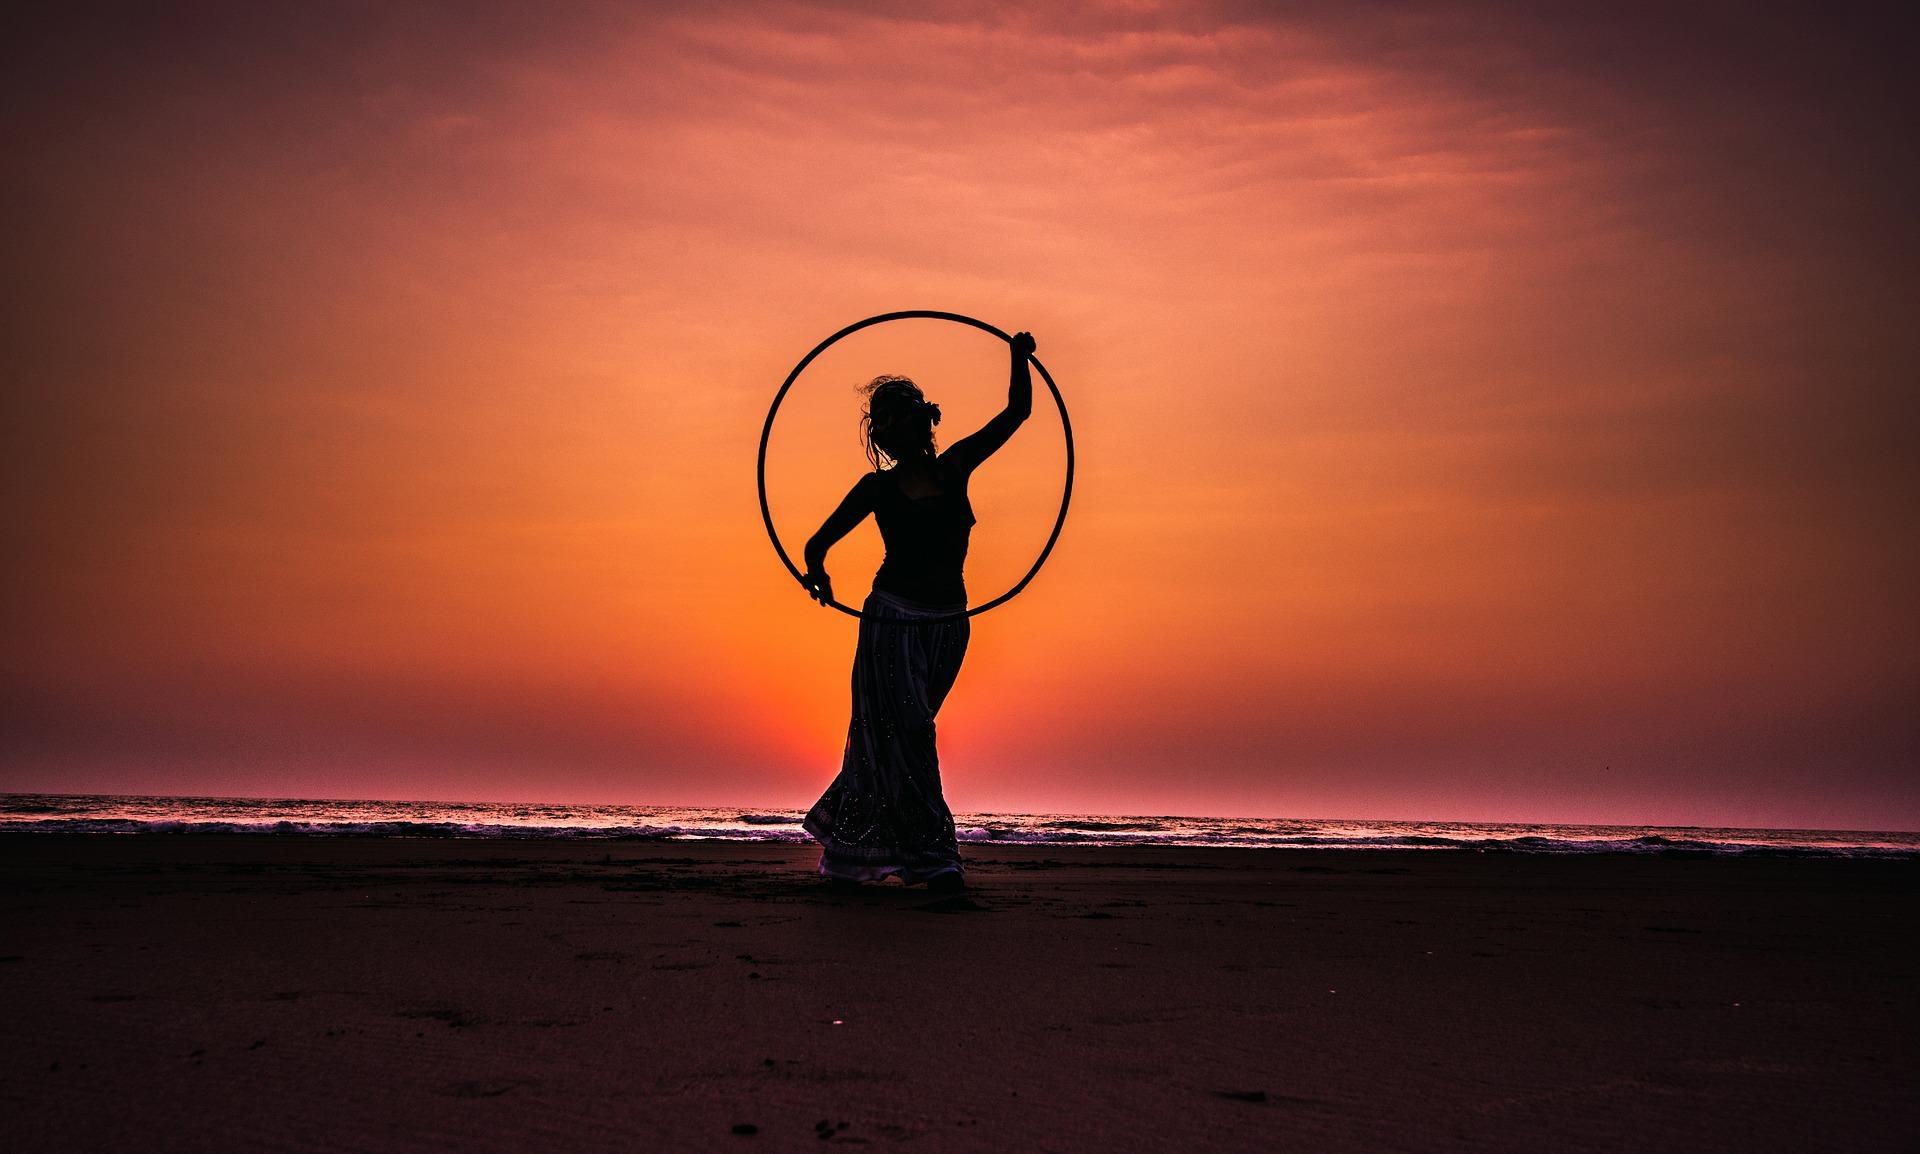 hula-hoop-2032813_1920.jpg